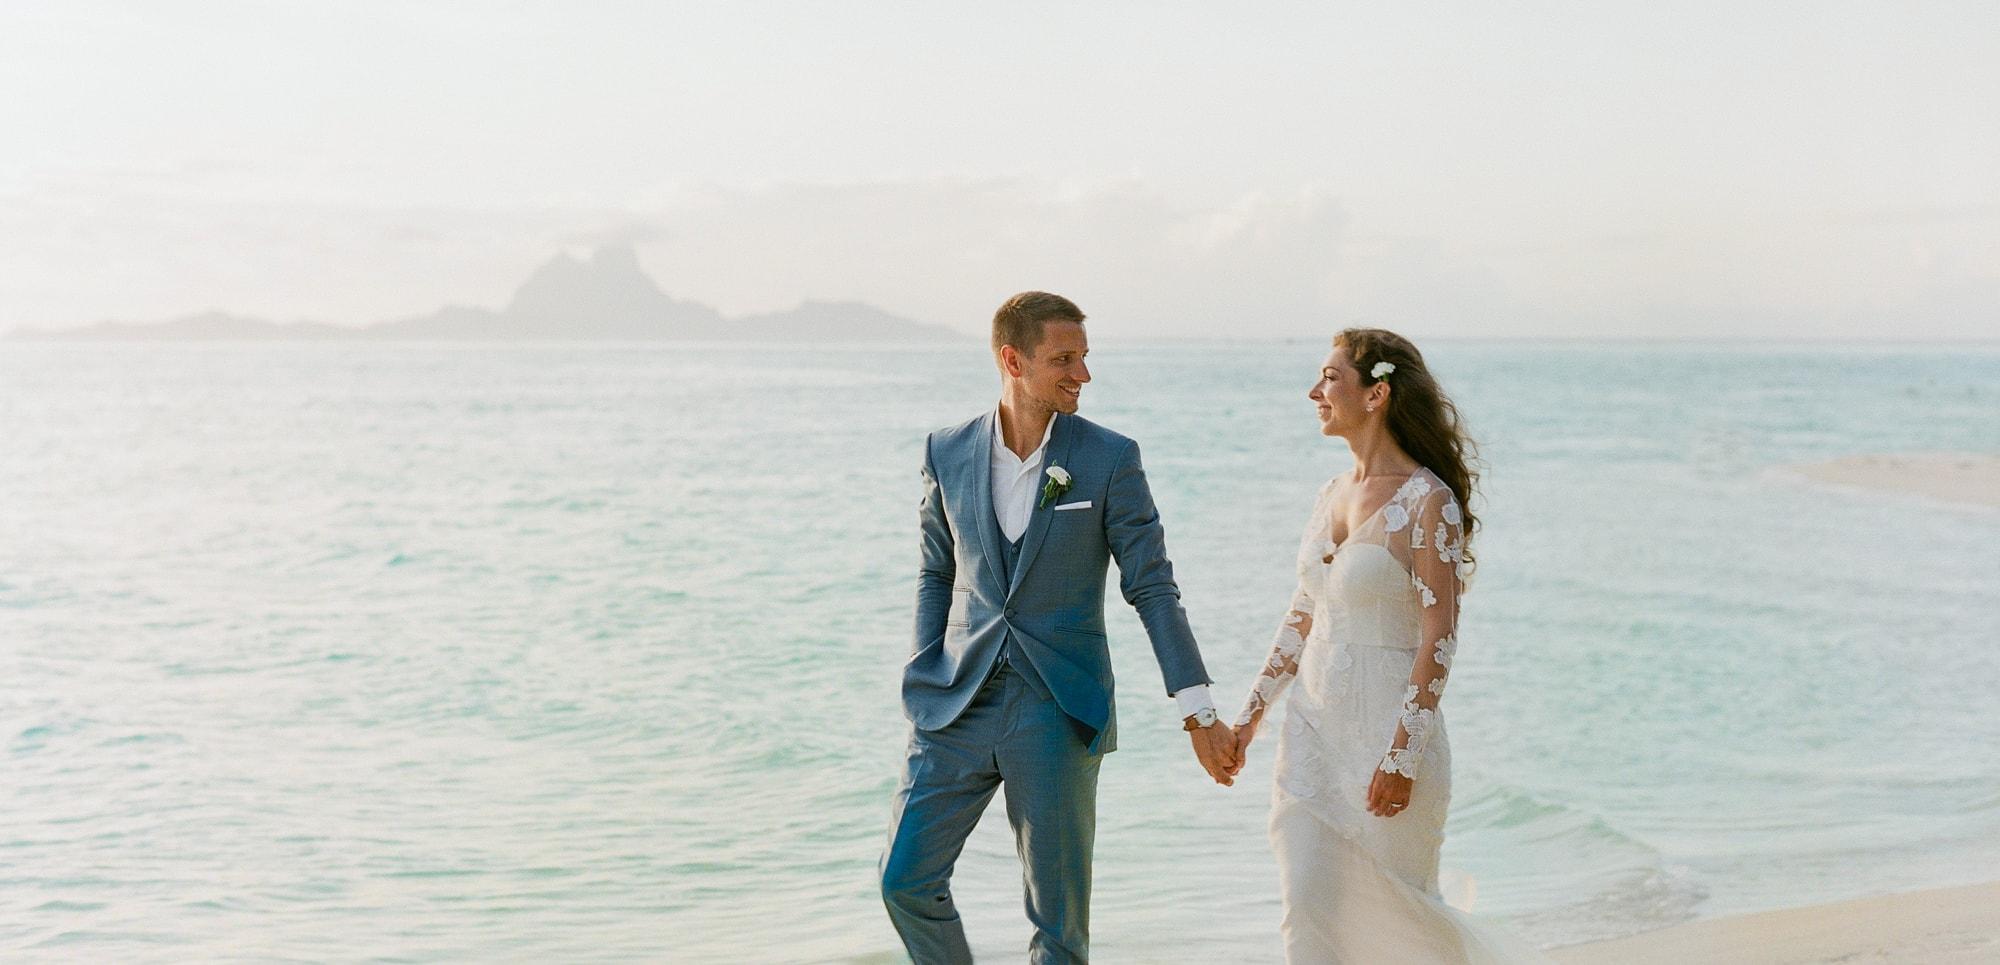 https://tahititourisme.ca/wp-content/uploads/2021/04/PCP-Bora-Bora-Photography-Couple-Wedding-sunset.jpg